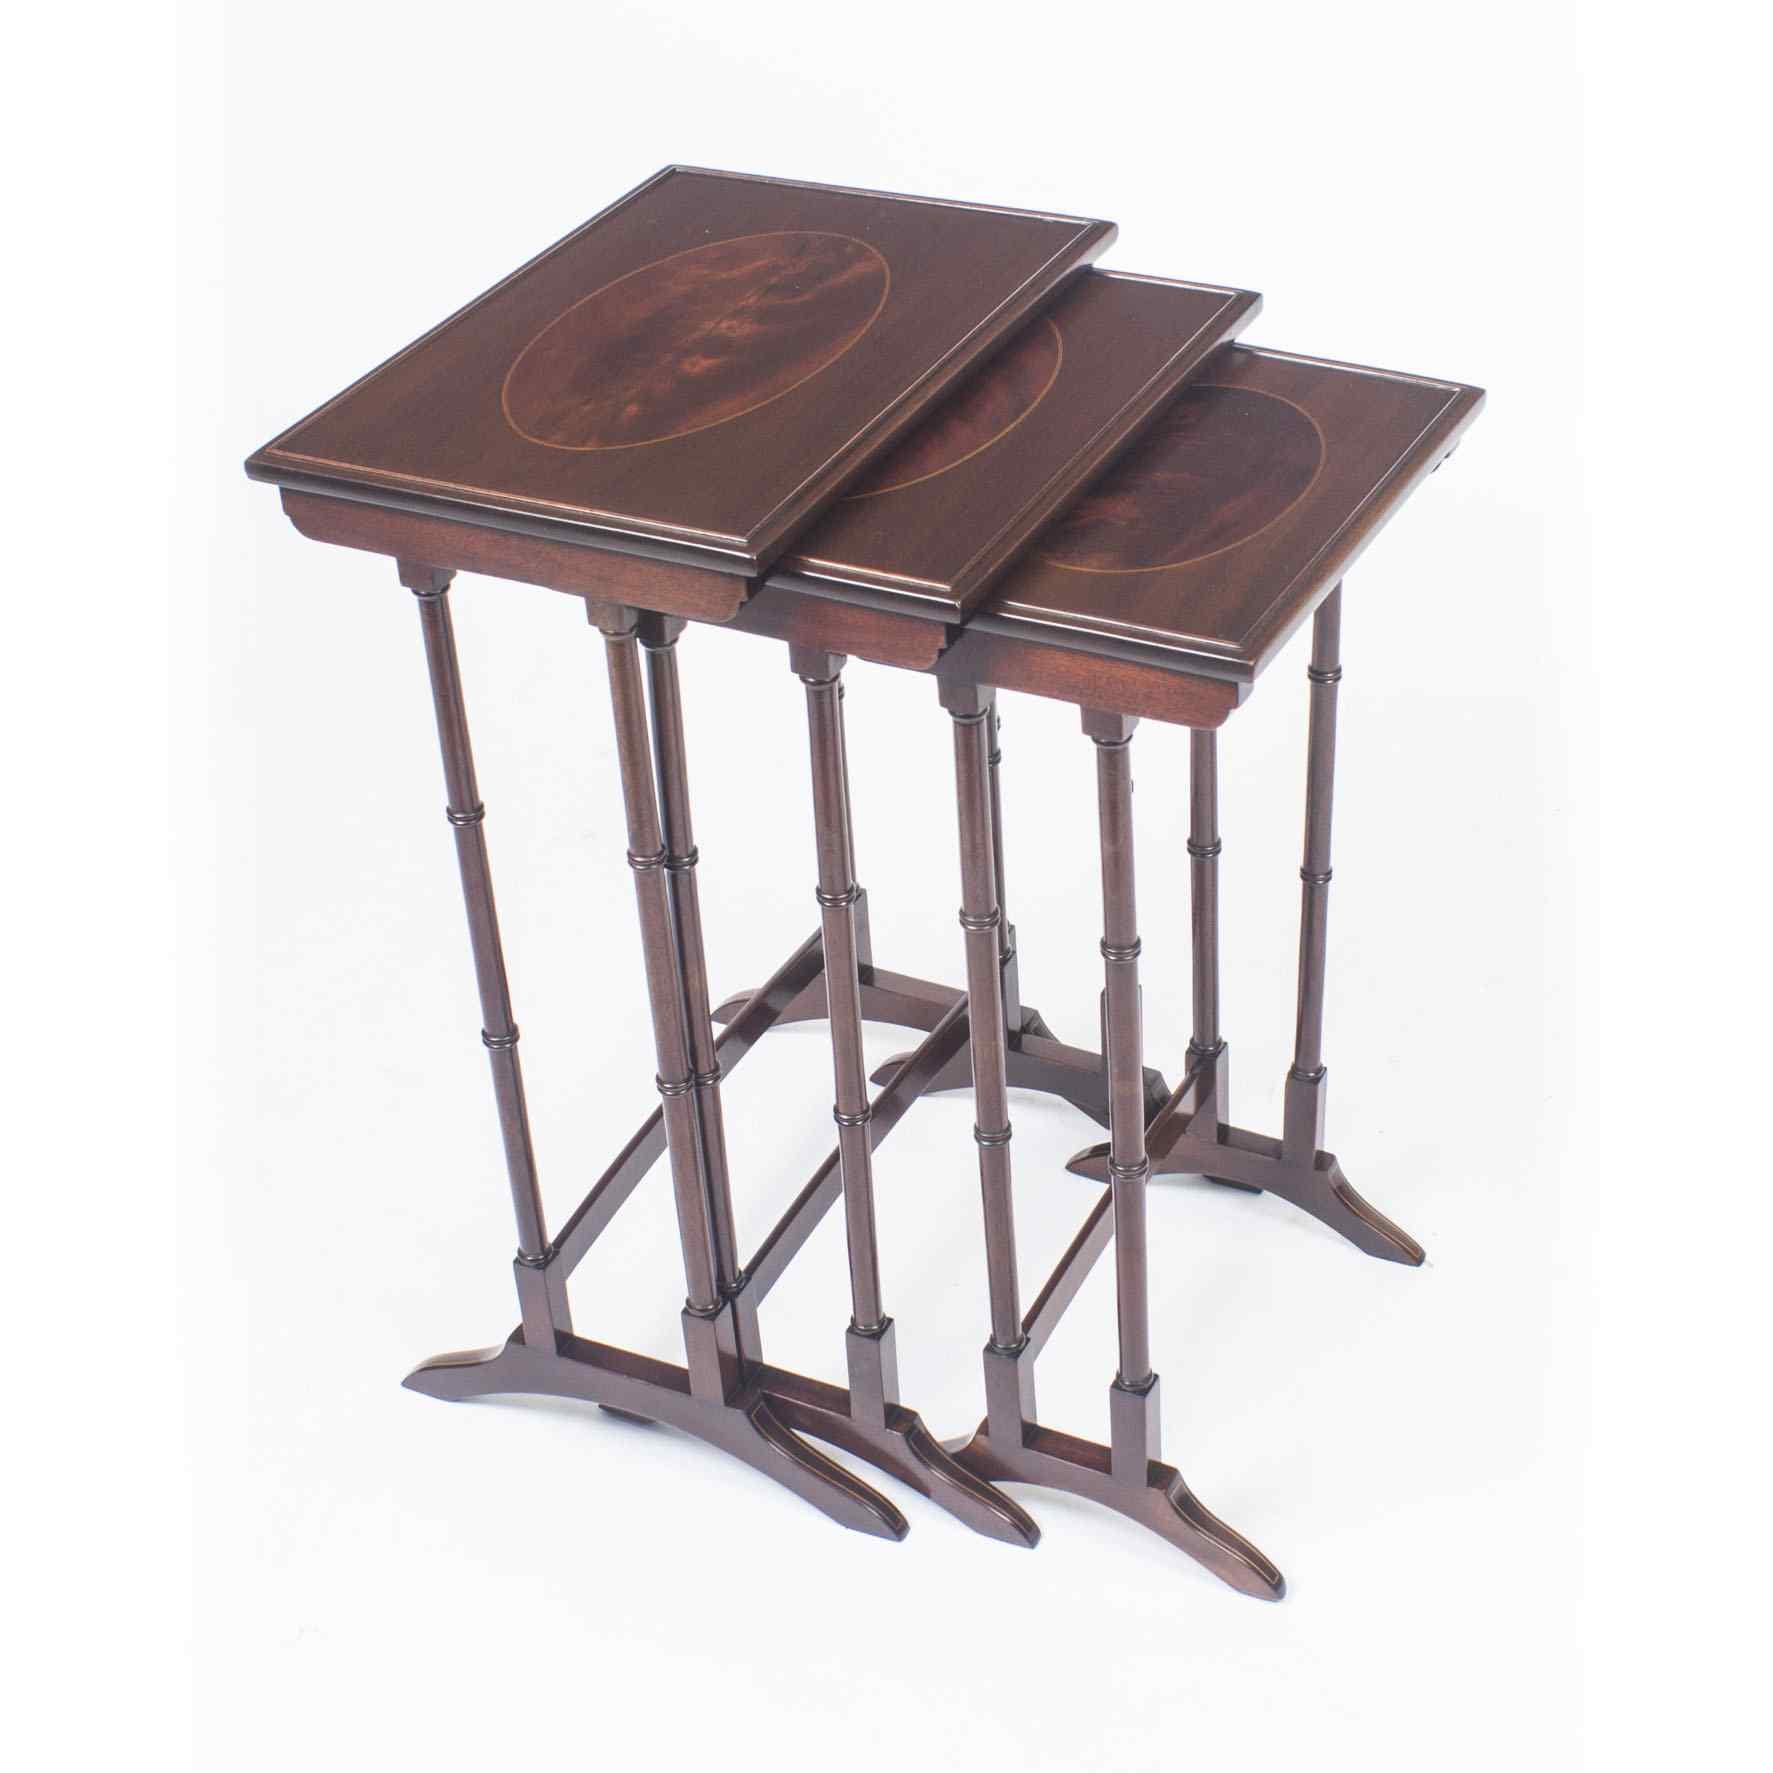 Antico nido vittoriano in mogano intarsiato con 3 tavoli c.1